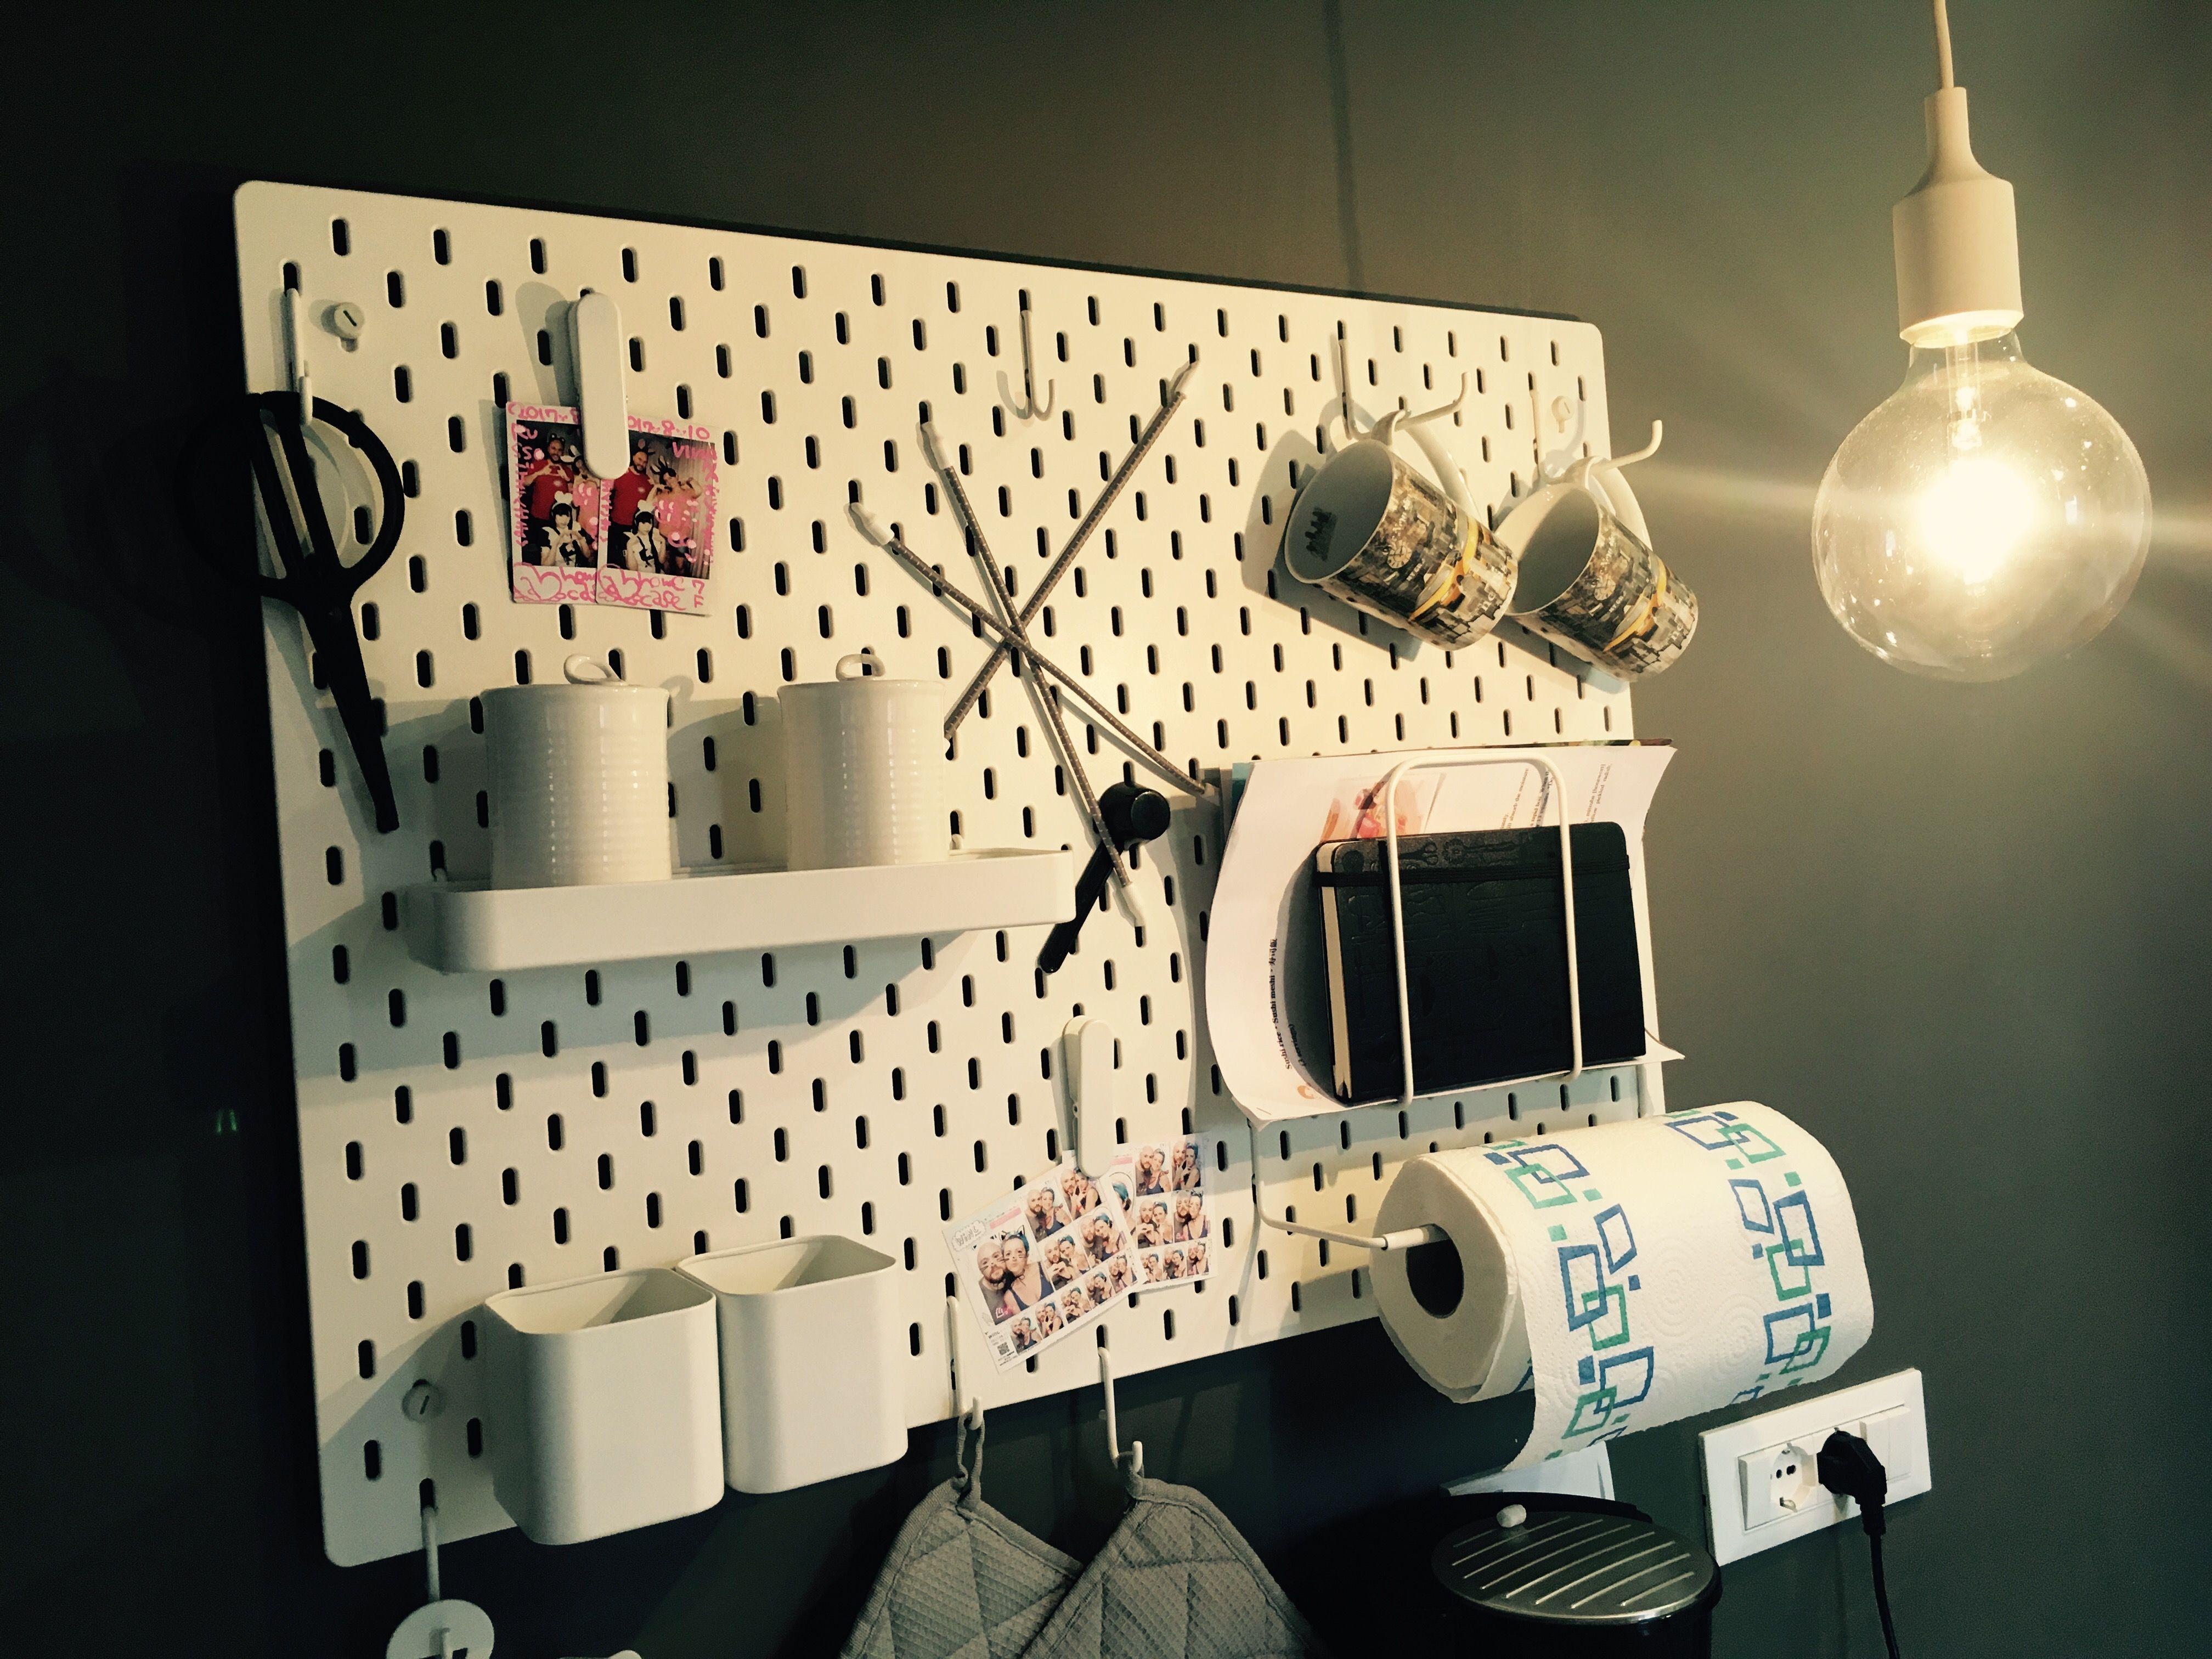 Ikea Lavagne Ufficio : Skådis skådisikea ikea ikeaskådis skadis skadisikea